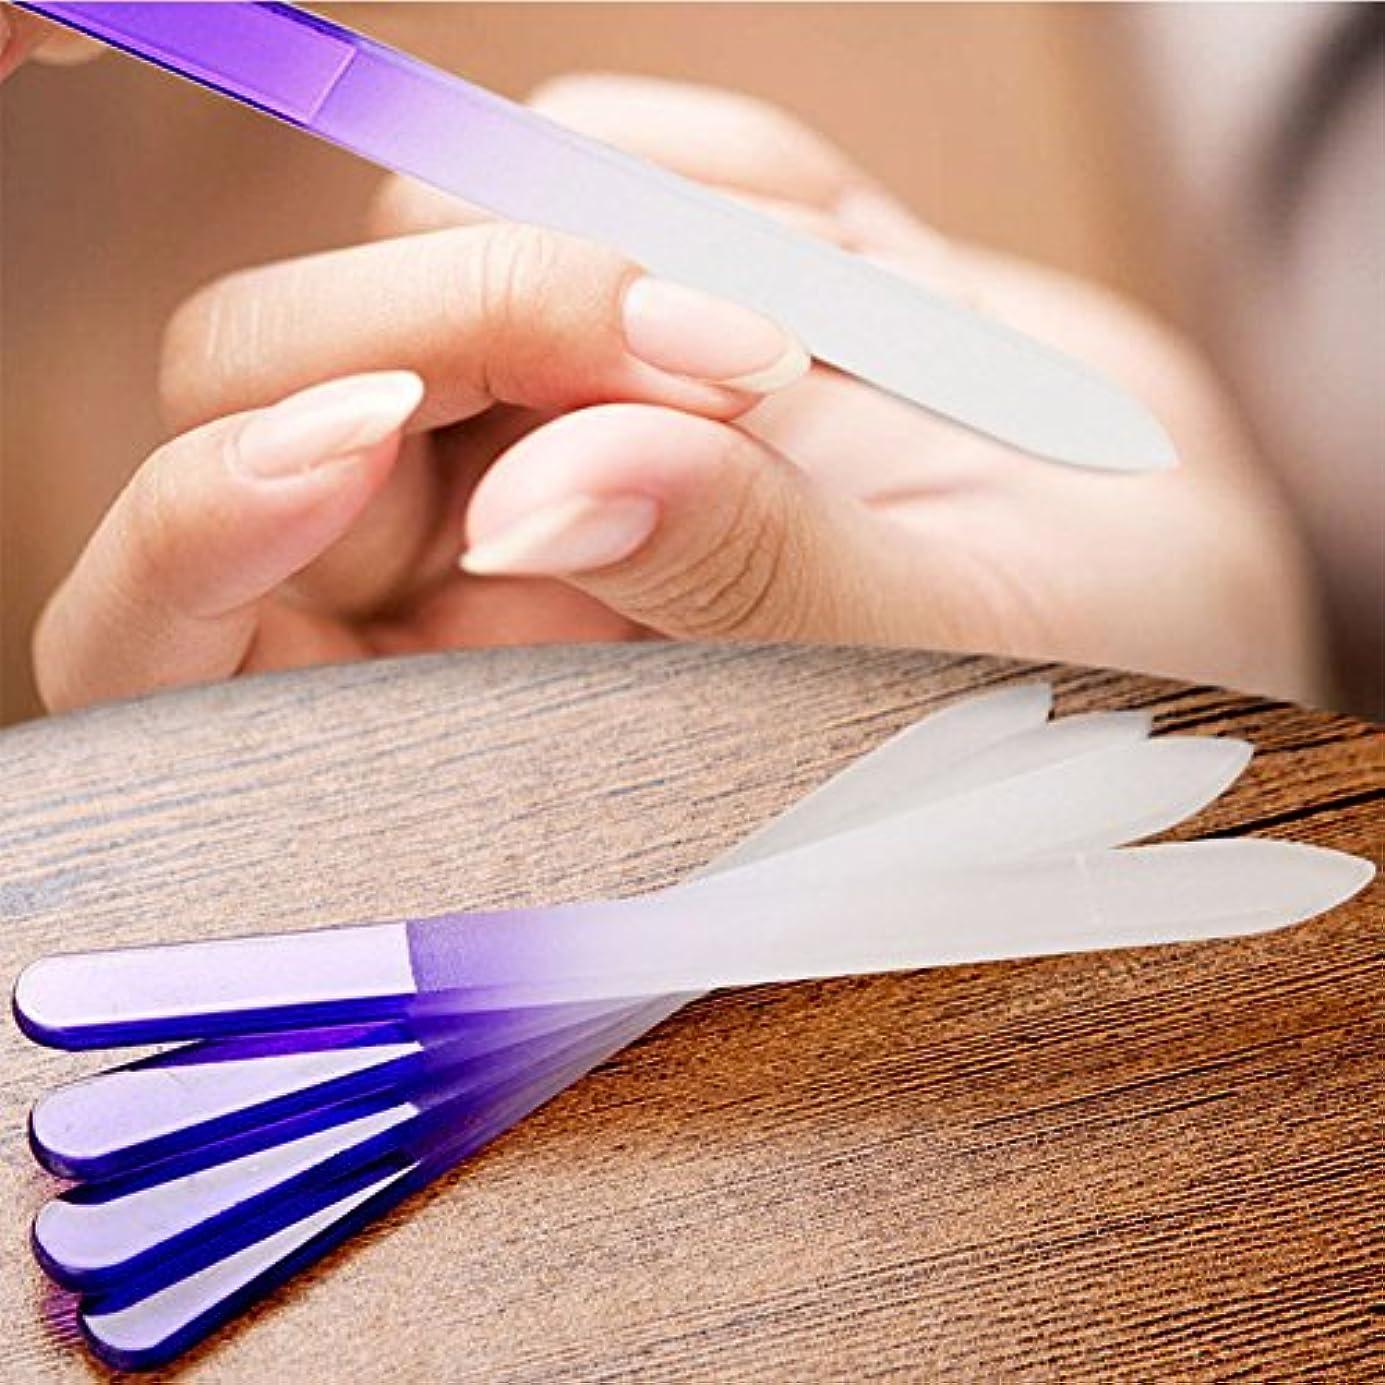 カヌー情報箱Liebeye マニキュア ネイル ファイル クリスタル ガラス ファイルバッファー 装置研磨 ネイル アート 装飾 ツール 4本